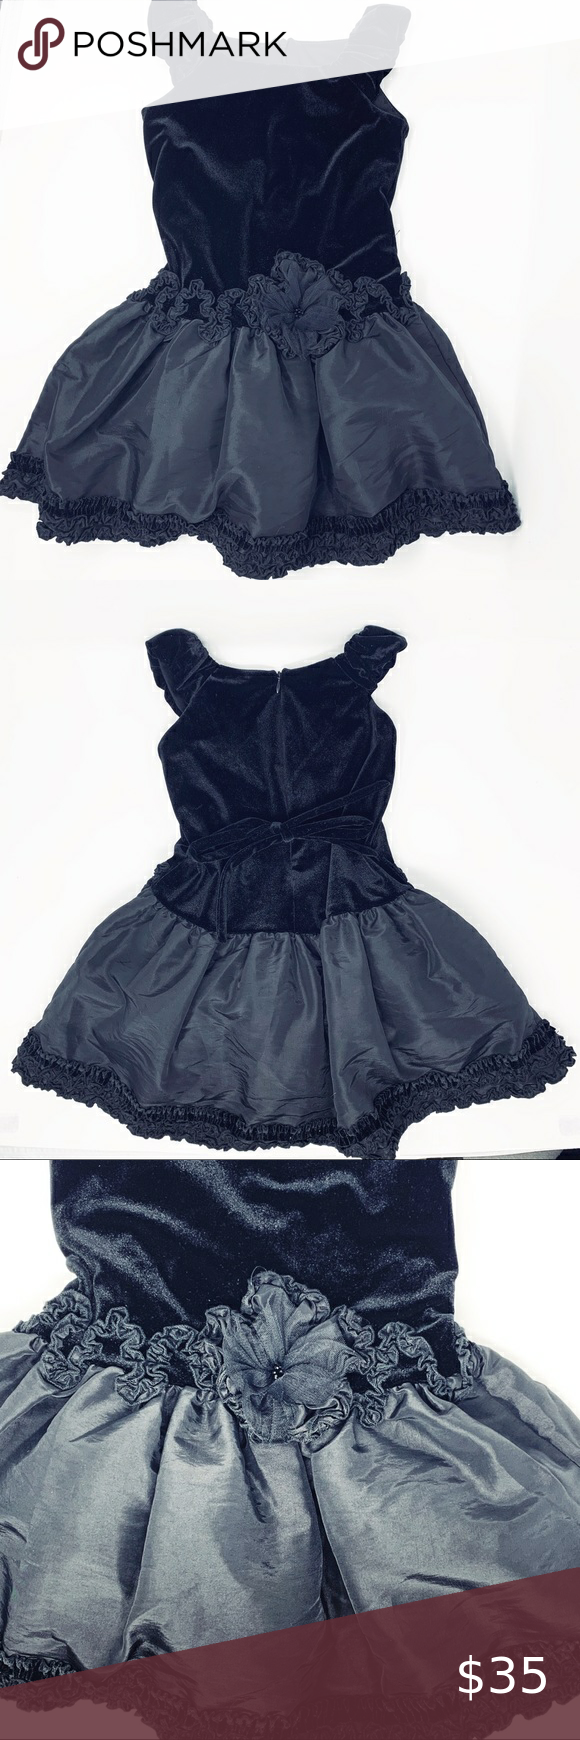 Isobella And Chloe 4t Bailey Black Velvet Dress In 2021 Black Velvet Dress Velvet Dress Girls Boutique Dress [ 1740 x 580 Pixel ]